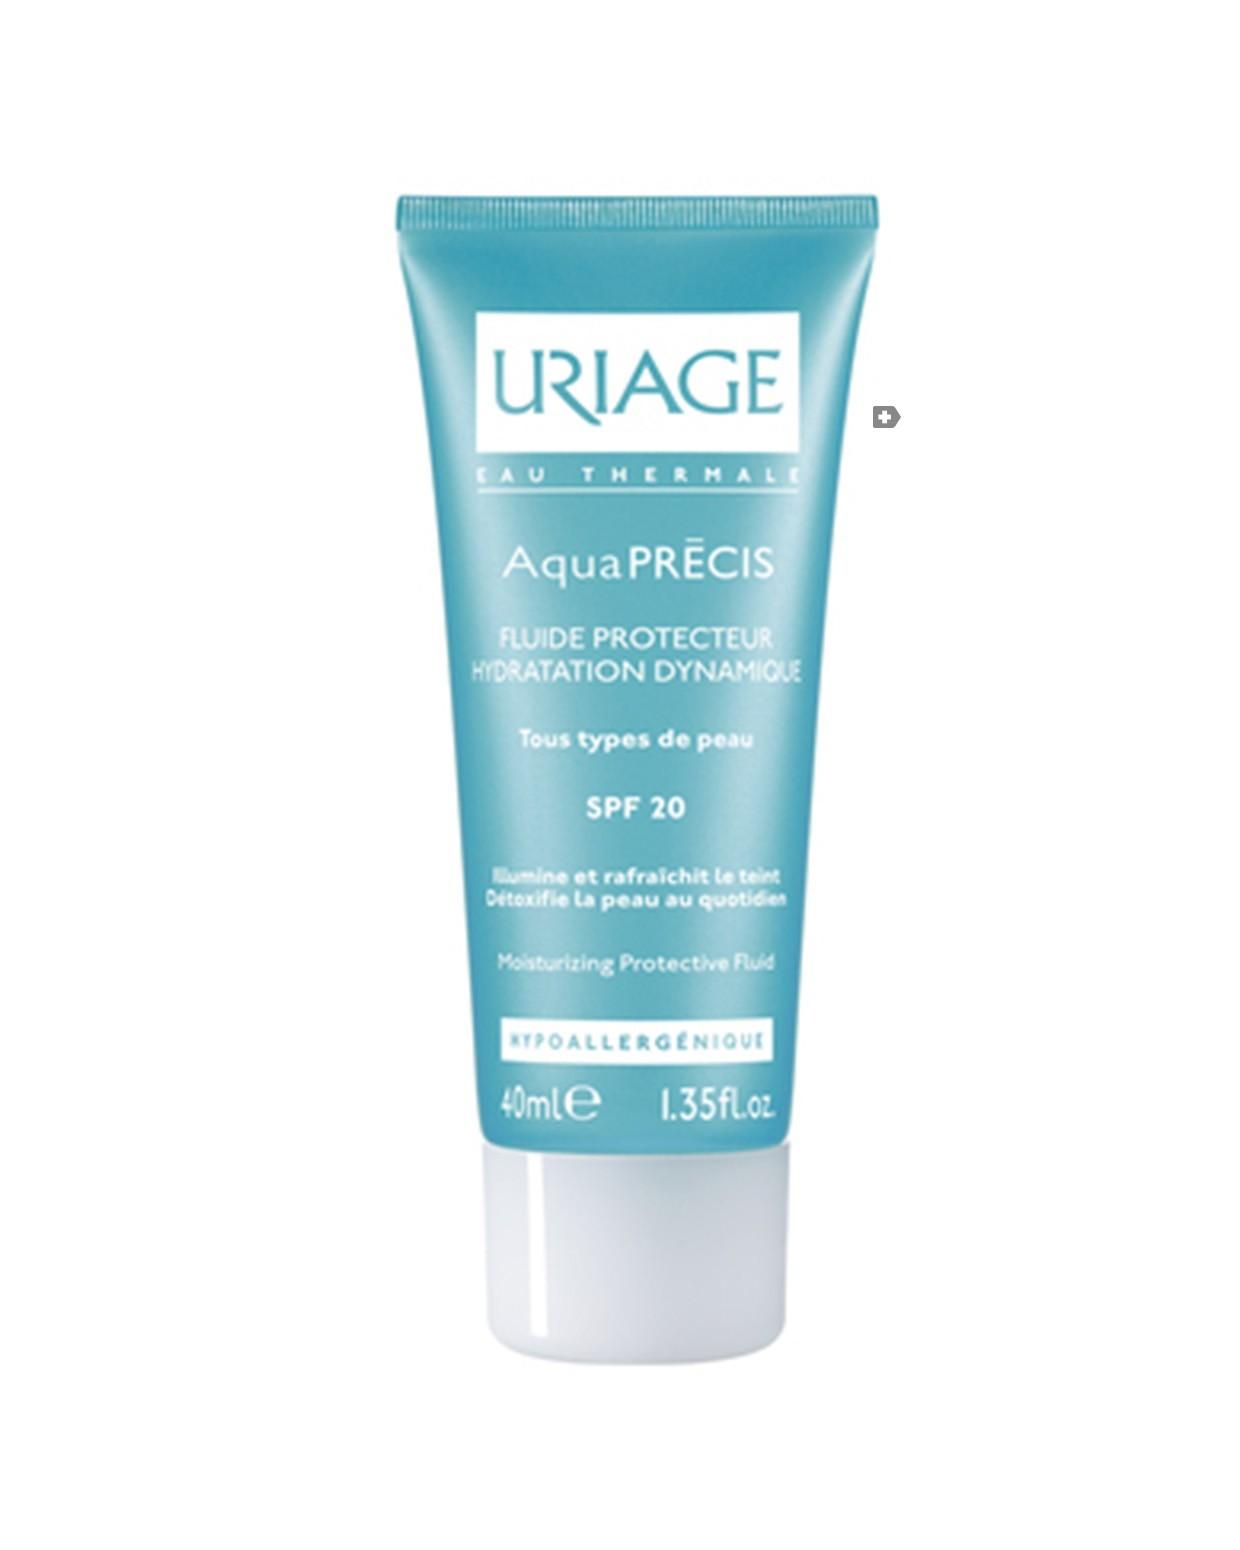 Uriage Aquaprecis Fluido protector SPF20+ 40ml